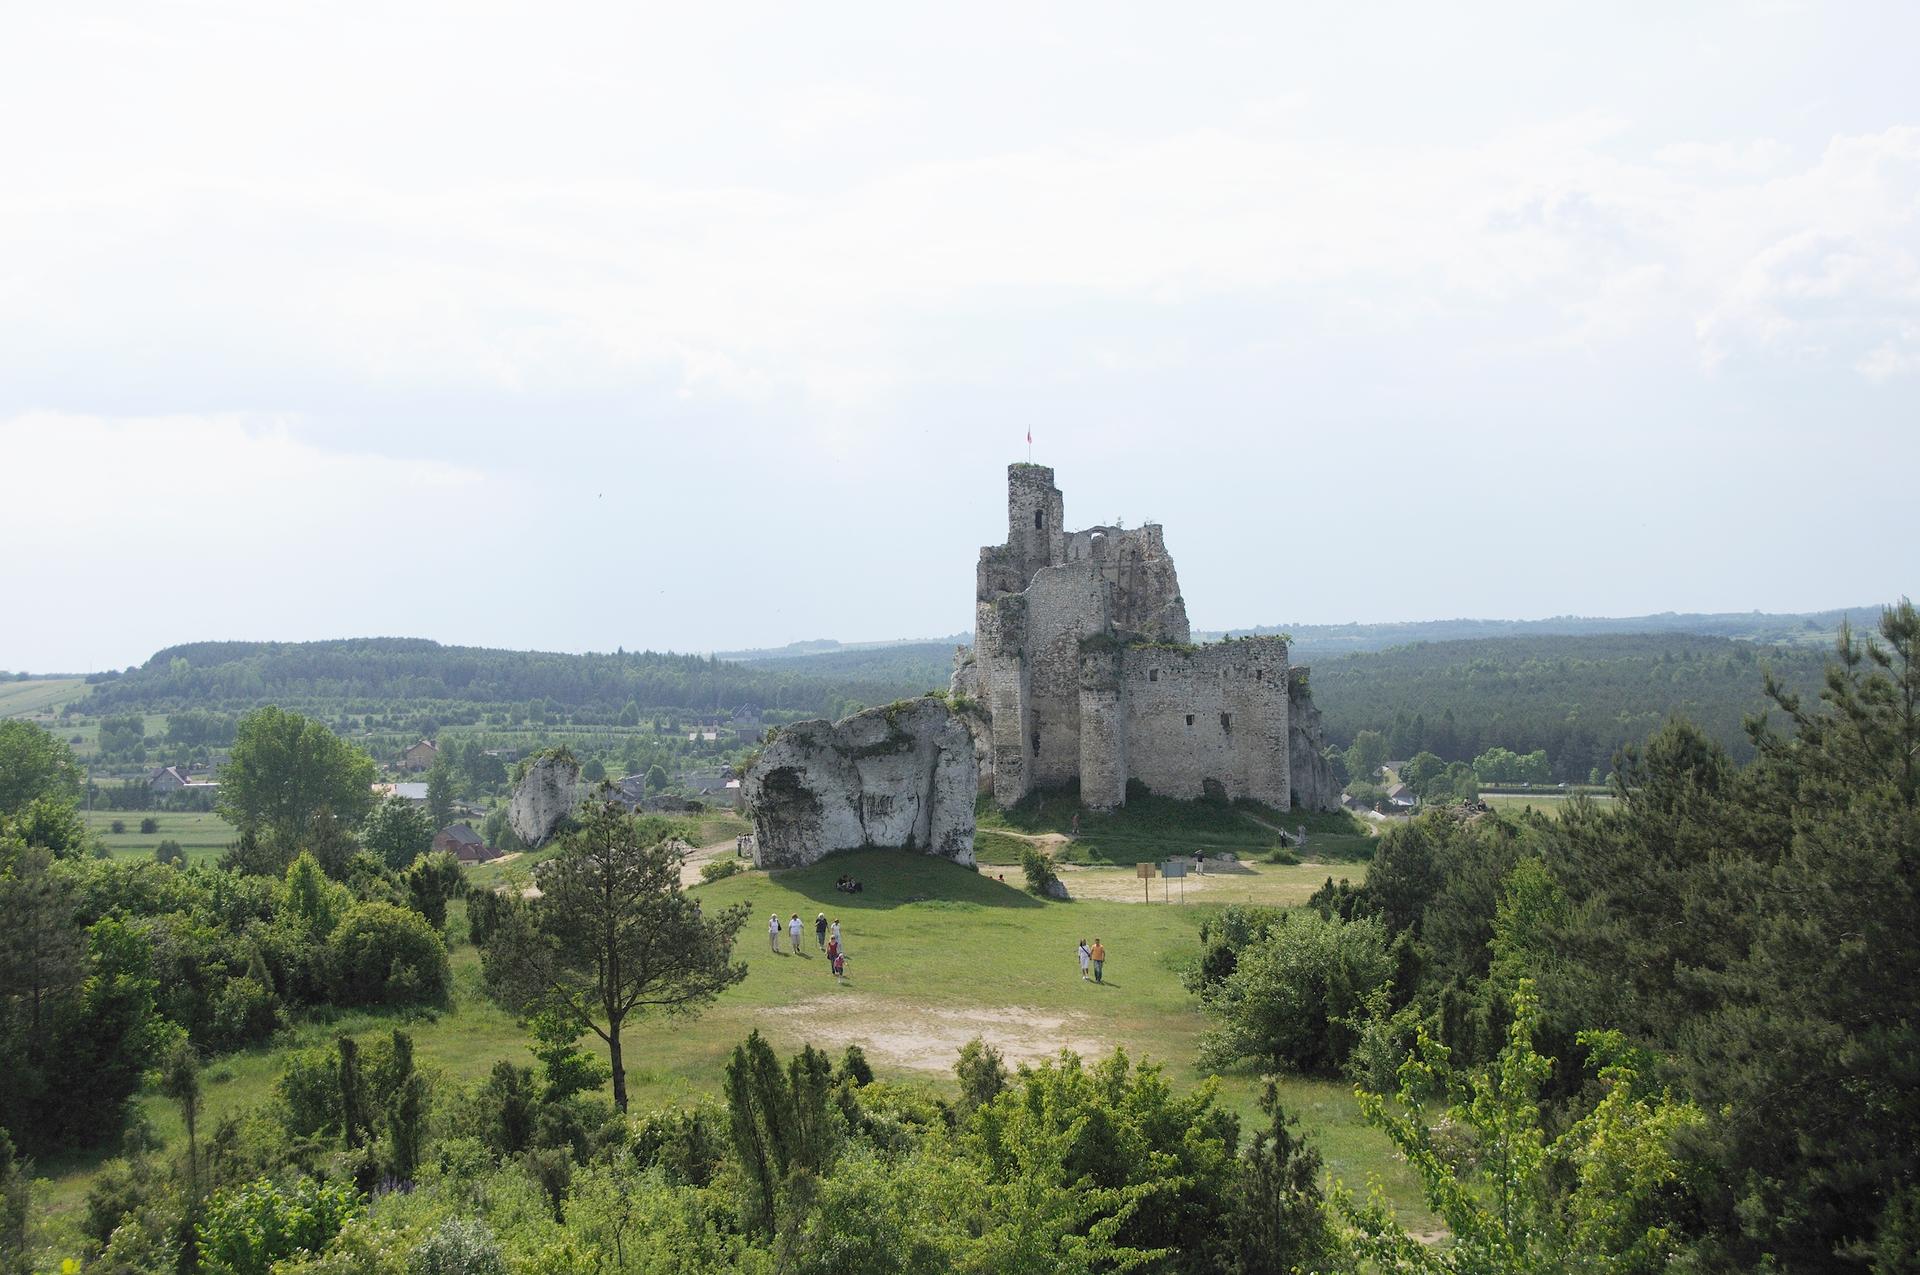 Galeria prezentuje rozmaitość terenów wyżynnych Polski. Pierwsza fotografia, to krajobraz Wyżyny Karkowsko-Częstochowskiej, widoczne ruiny zamku na wzniesieniu, dookoła liczne drzewa ikrzewy.